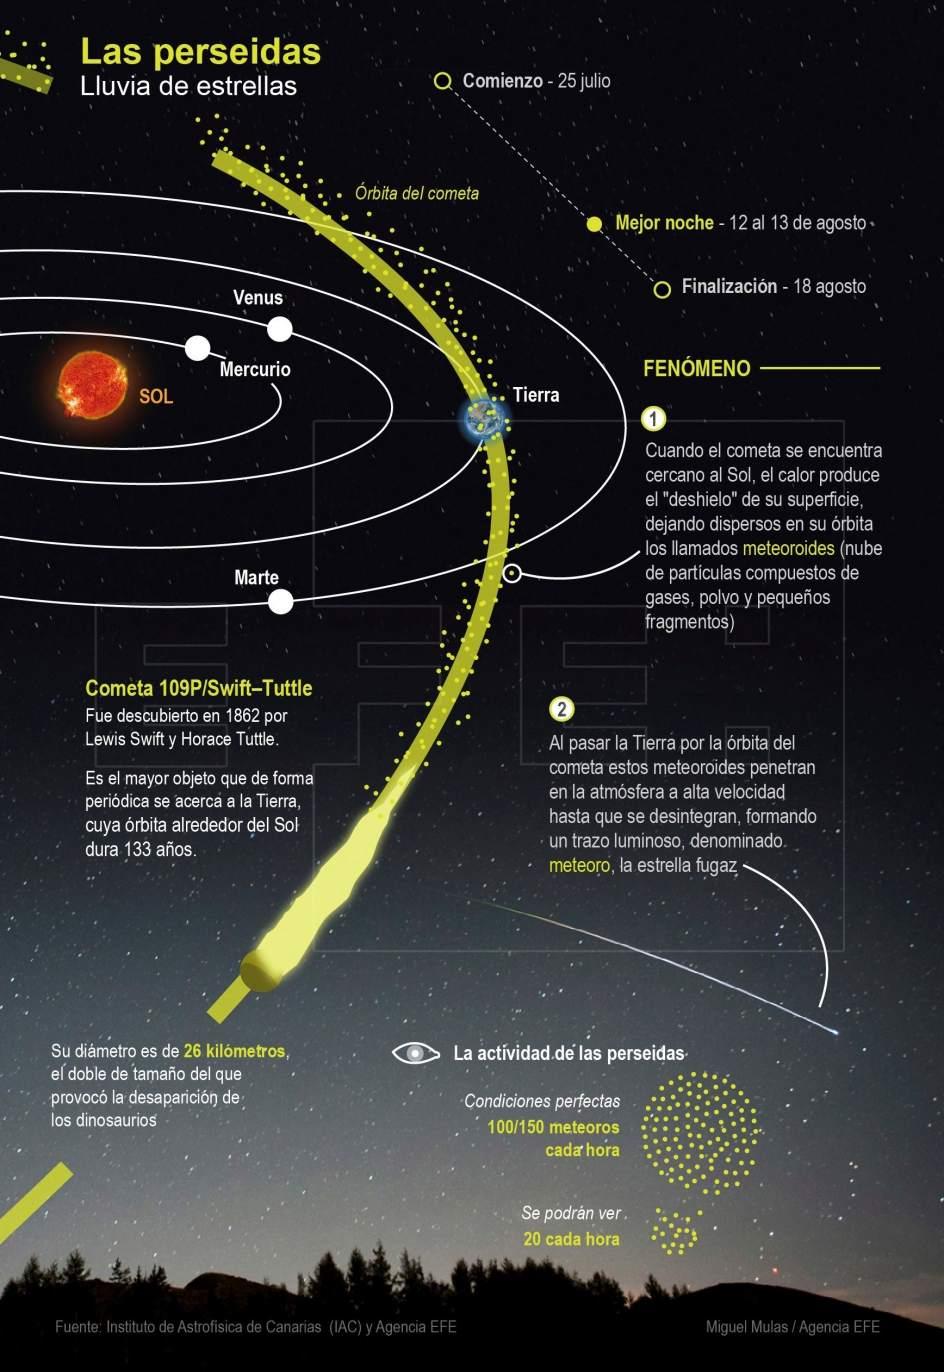 Vuelven Las Perseidas La Lluvia De Estrellas Mas Esperada Del Ano 1, Planeta Incógnito